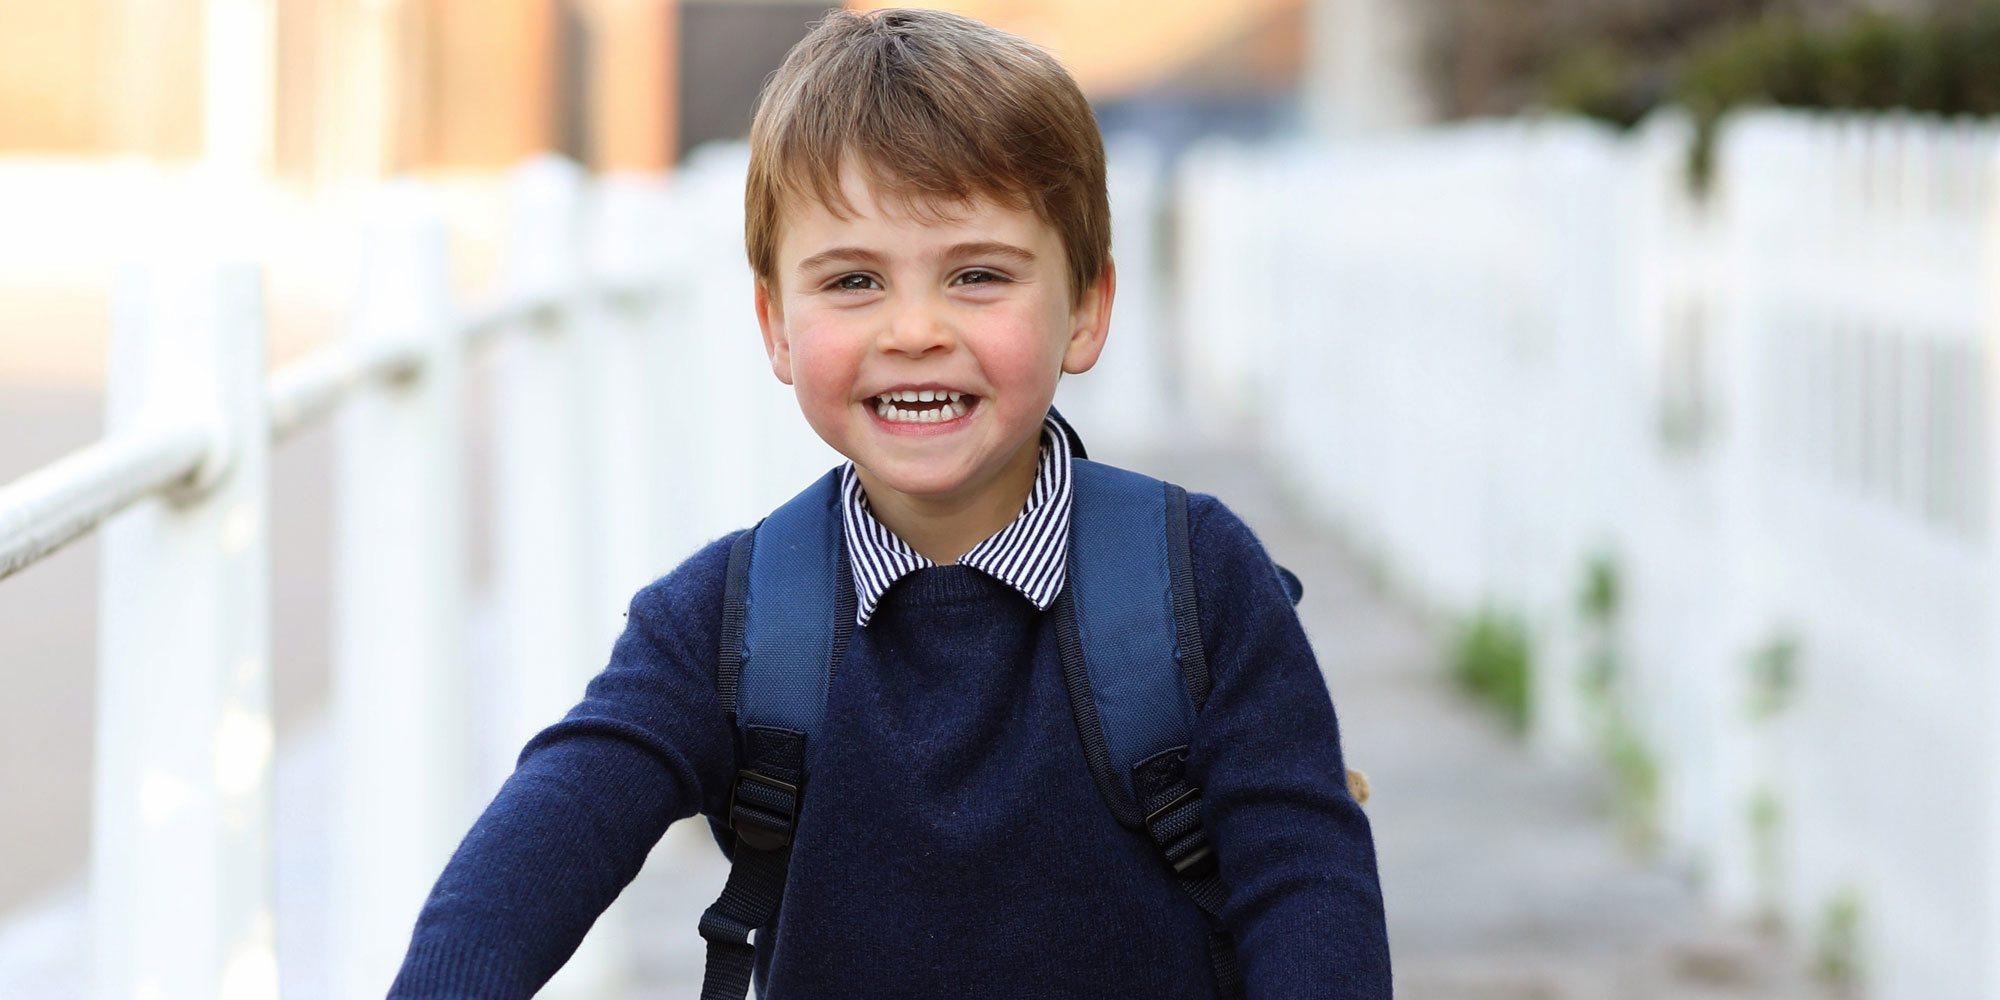 La celebración de los 3 años del Príncipe Luis: sonrisas, una bici y el primer día en la escuela infantil